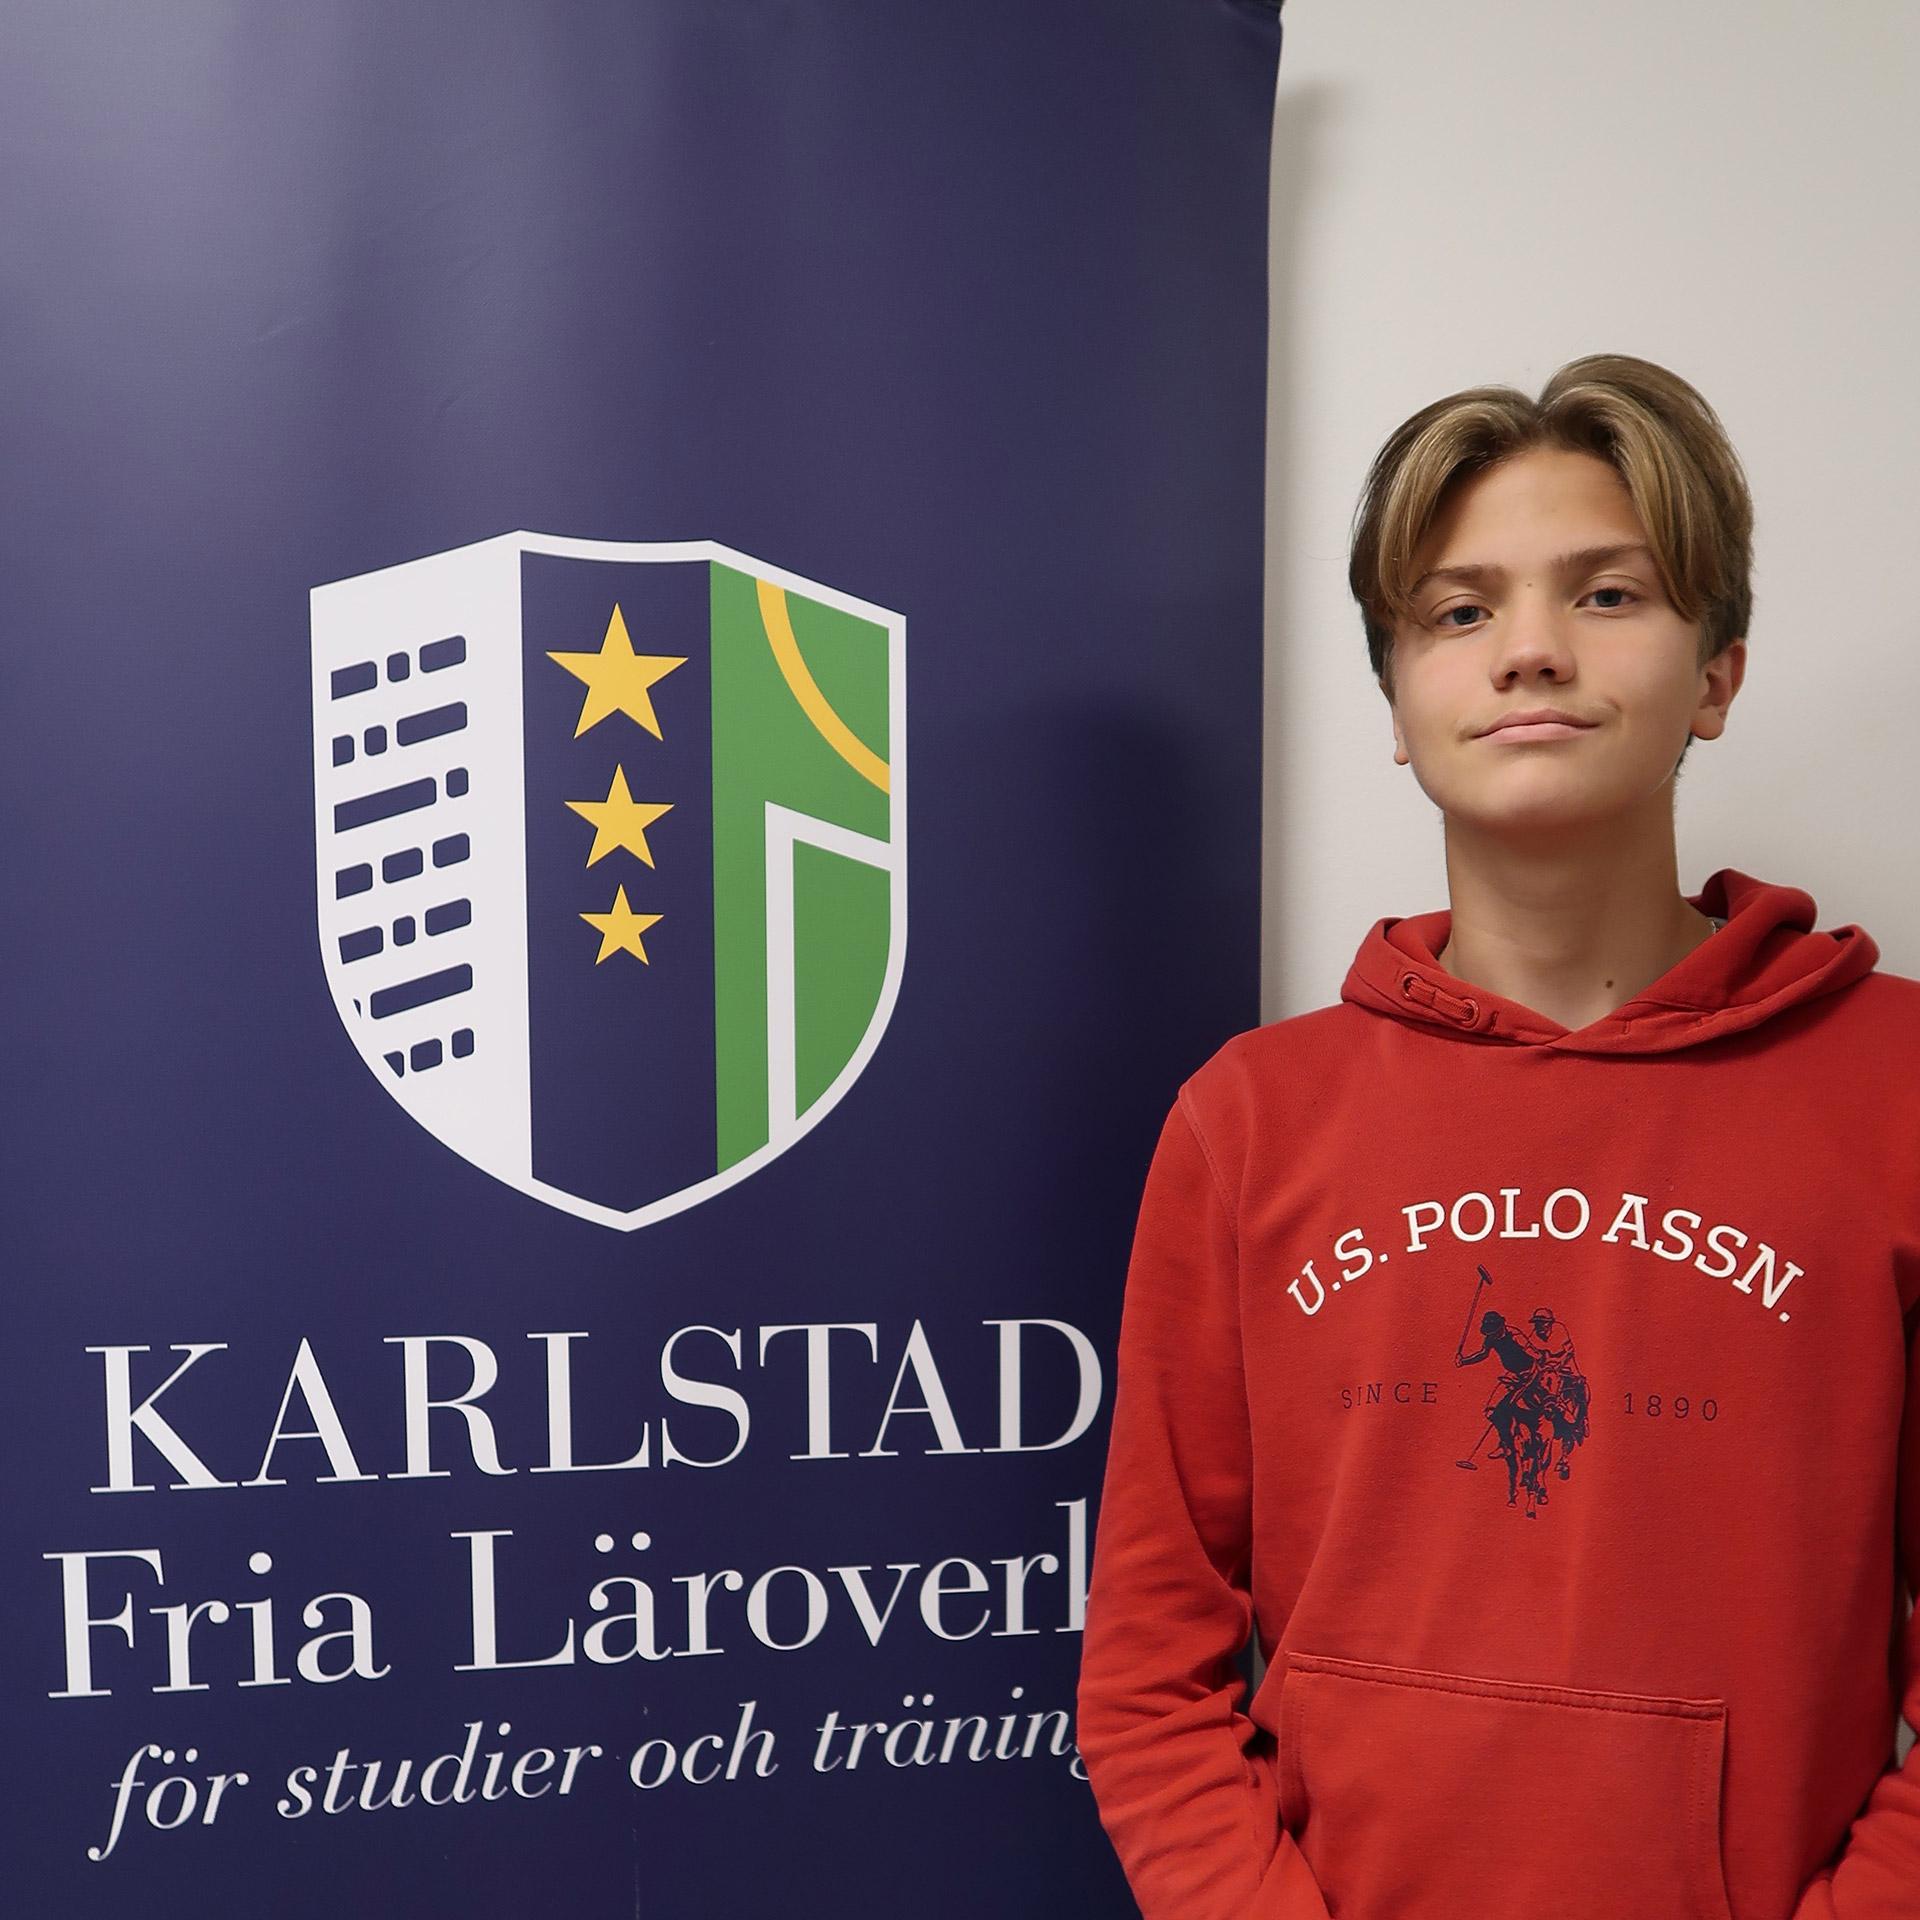 Karlstad Fria Läroverk, Samhällsvetenskapsprogrammet. Viktor, elev